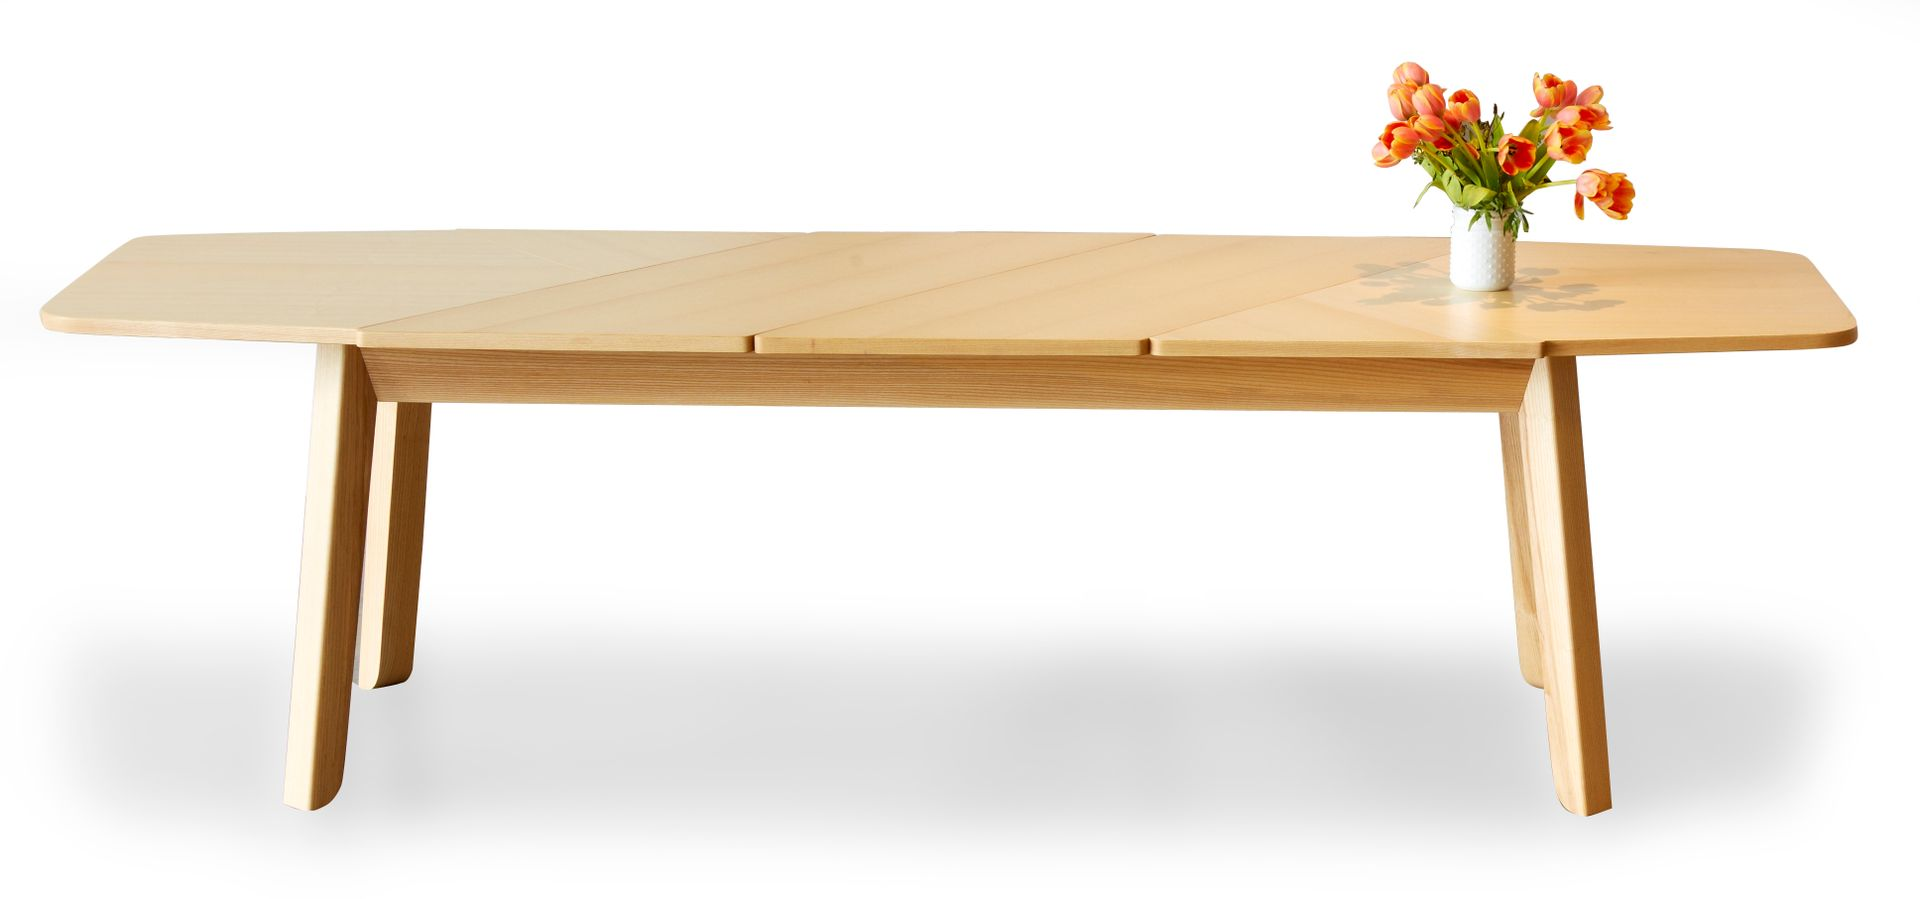 Ausziehbarer wrap esstisch von debra folz design bei for Ausziehbarer esstisch design